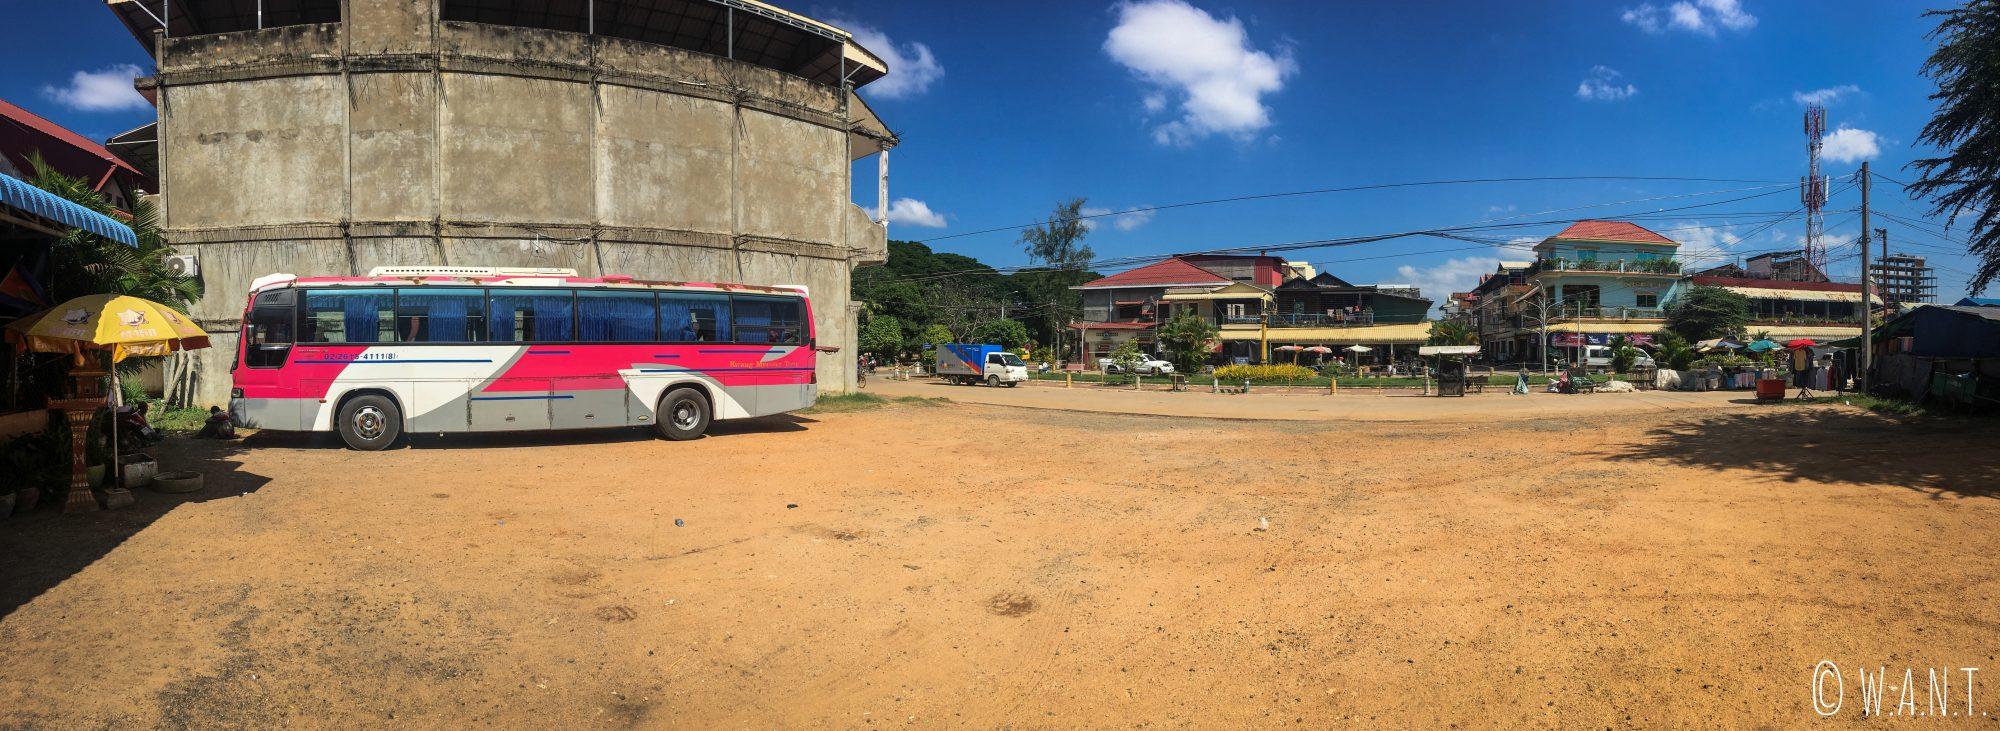 Pause lors de notre trajet entre Phnom Penh et Siem Reap